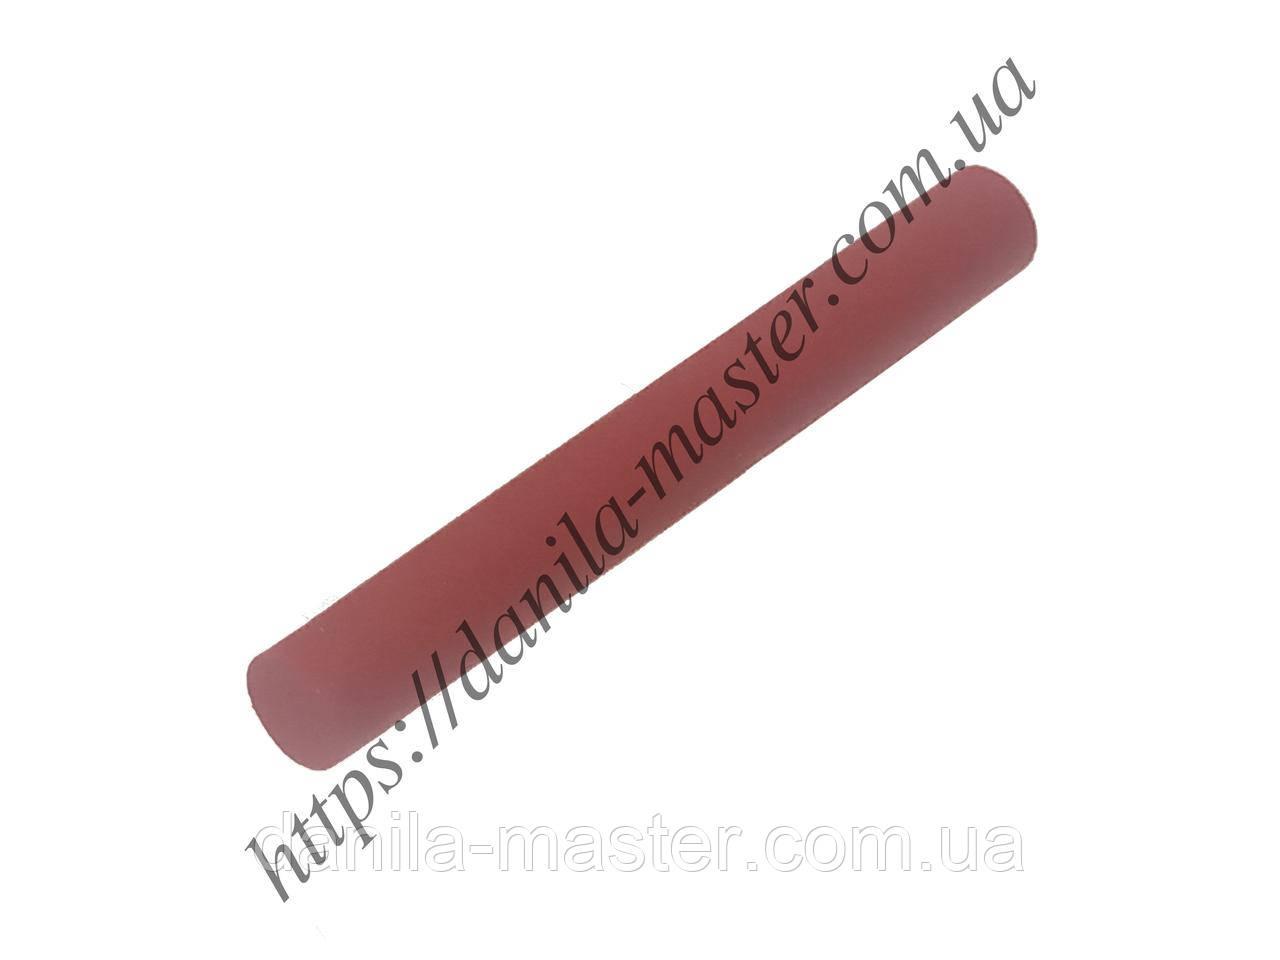 Резинка EVE циліндрична коричнева Ø3,0 мм м'яка